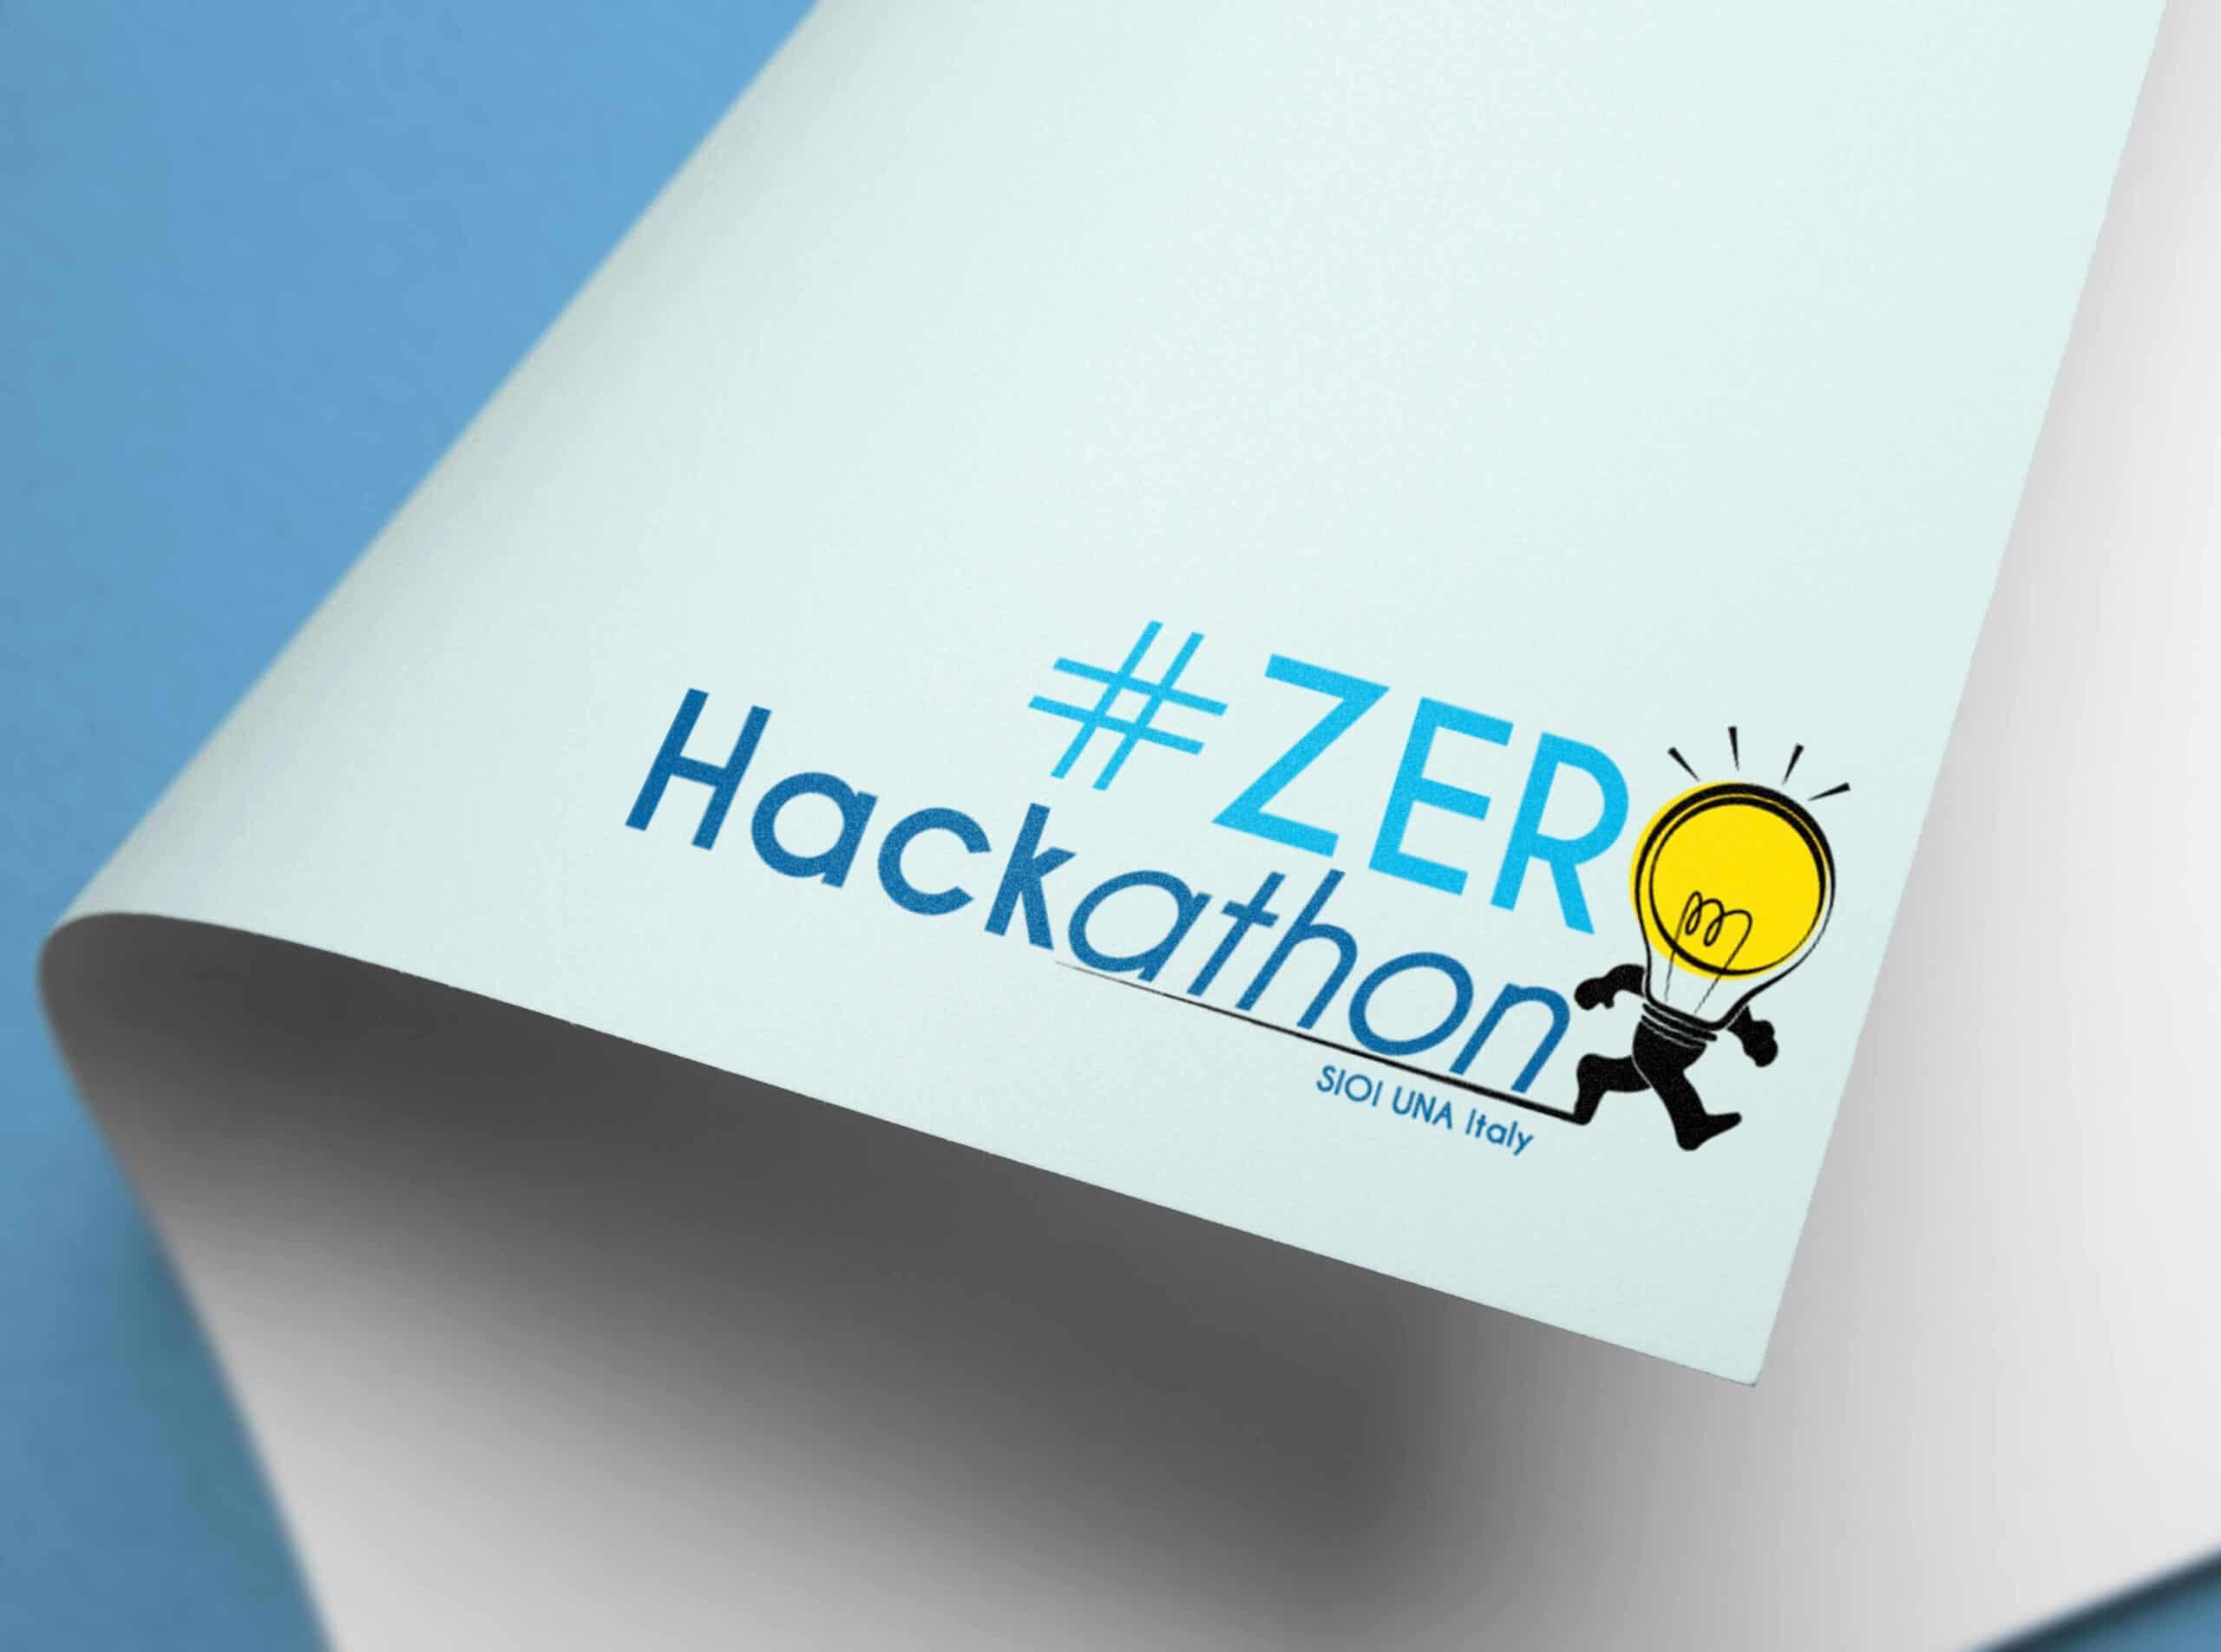 Logo dell'evento zerohackathon